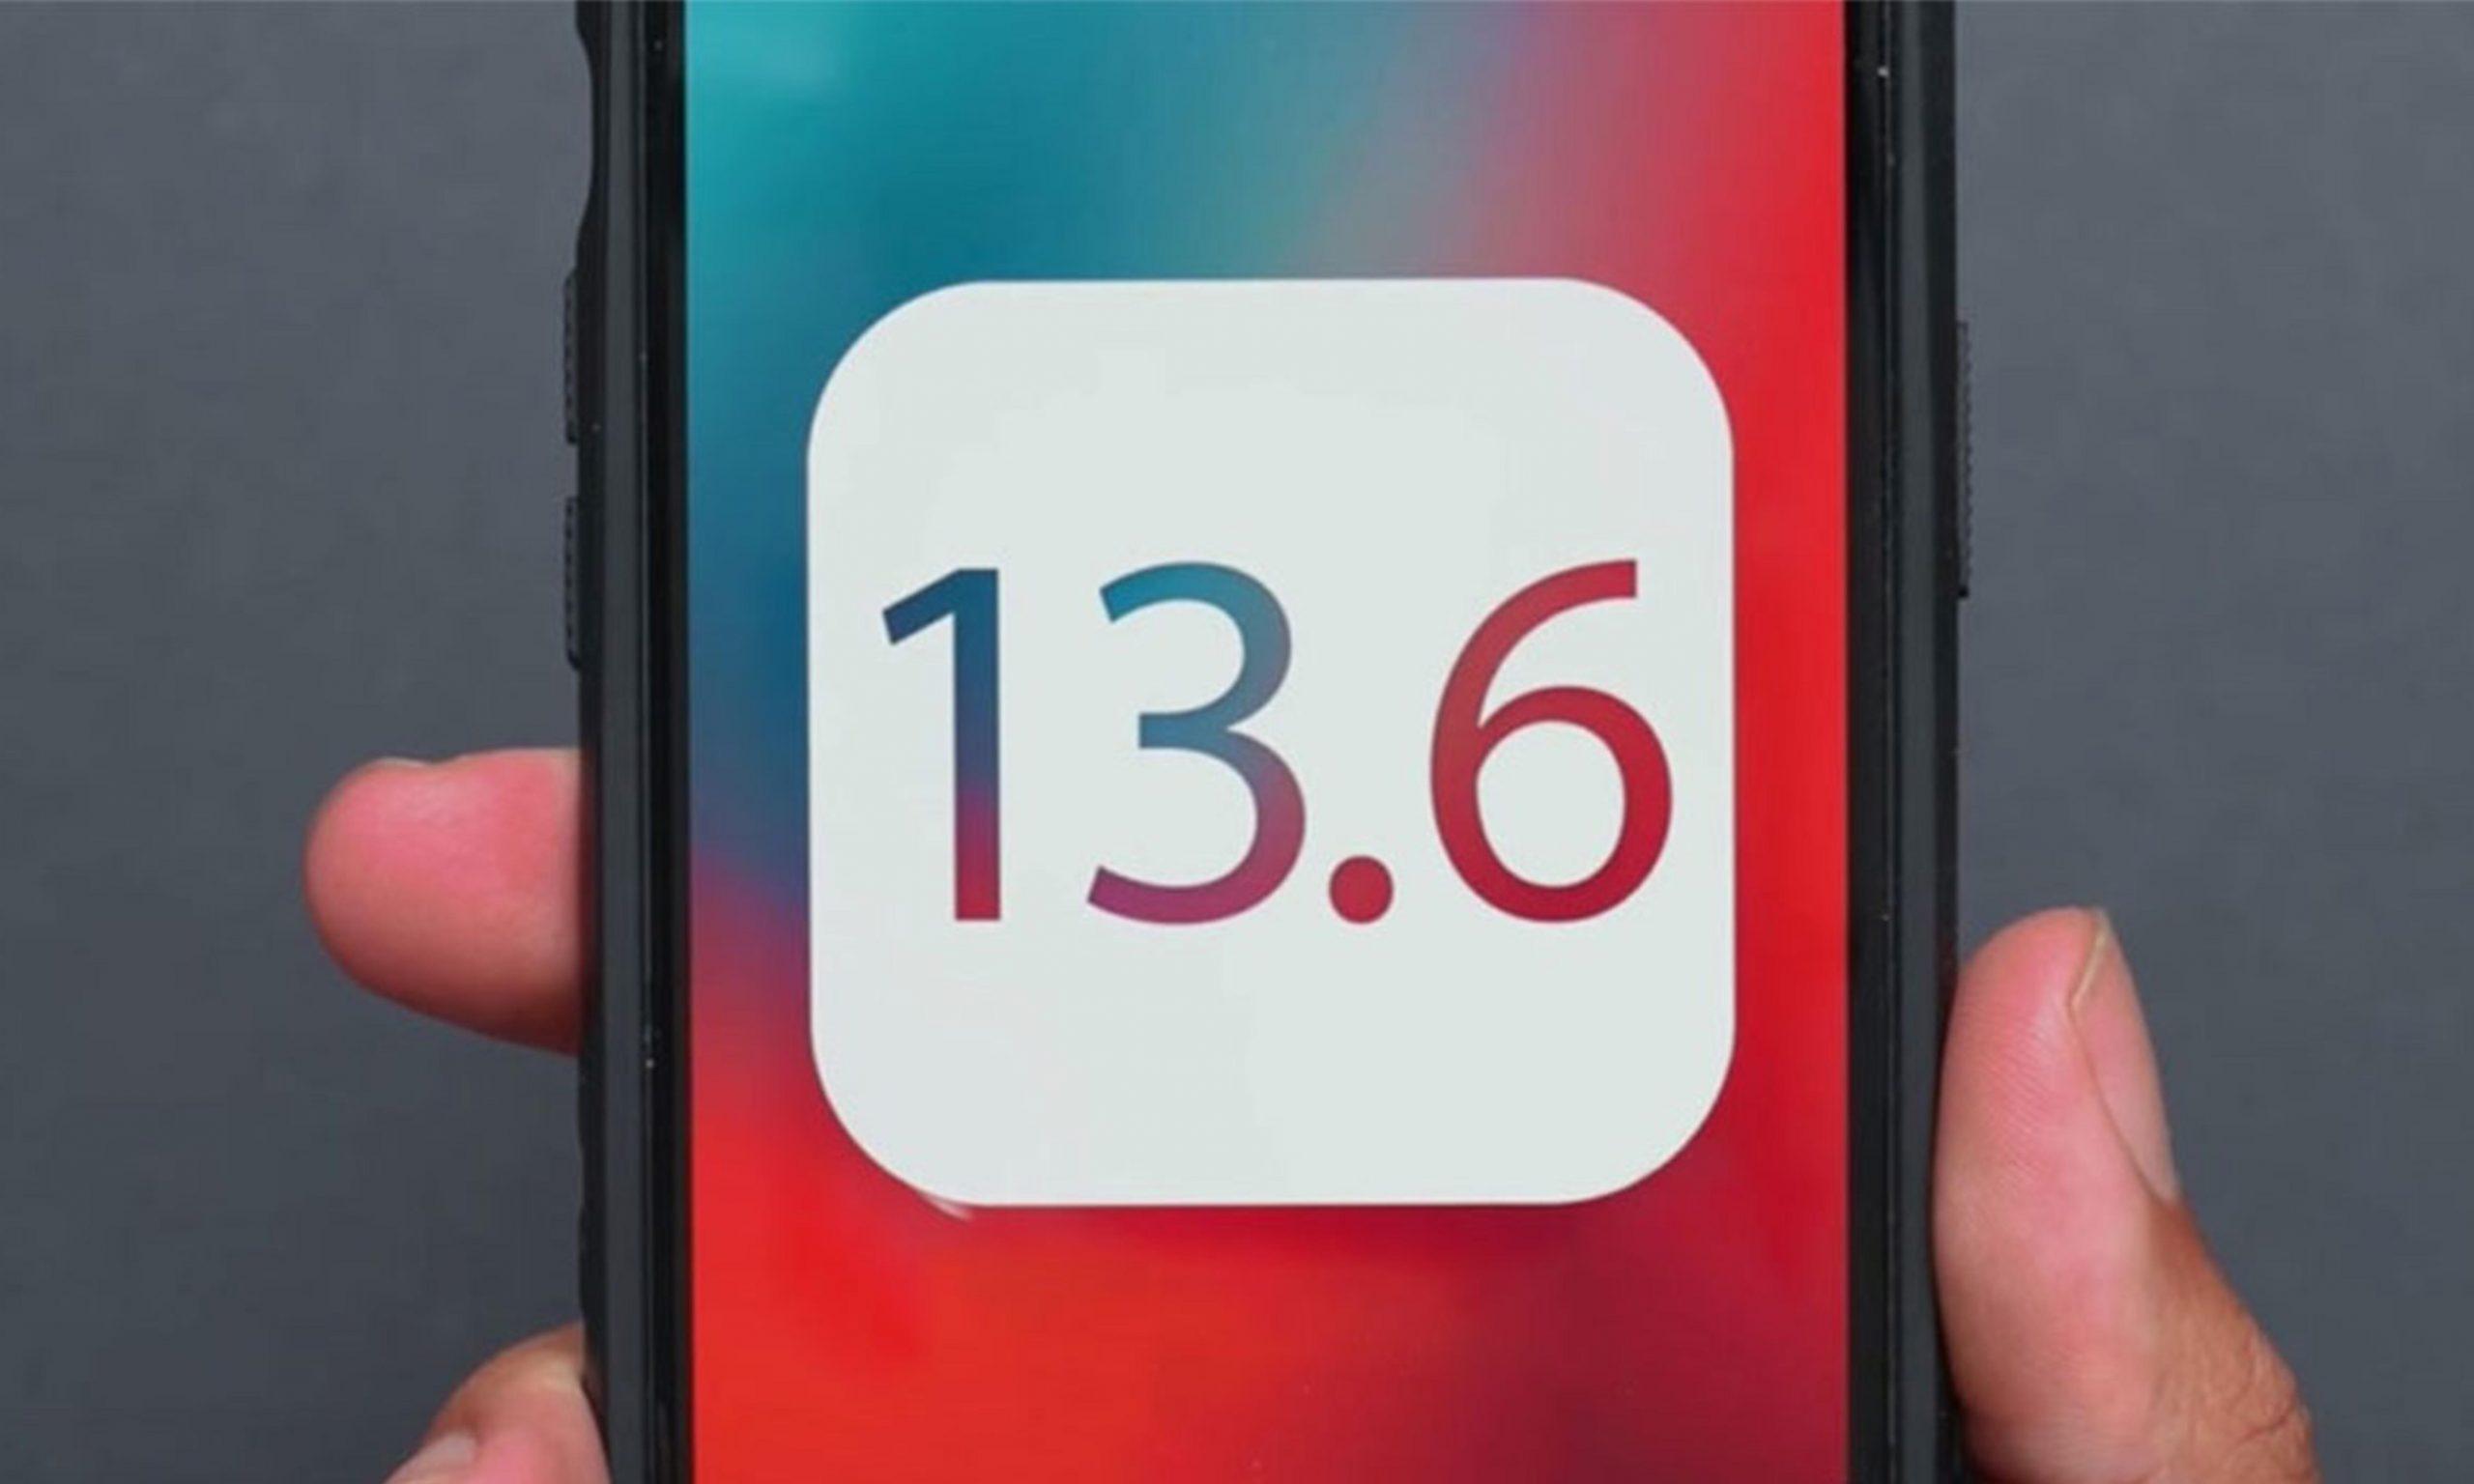 苹果发布 iOS 13.6 正式版